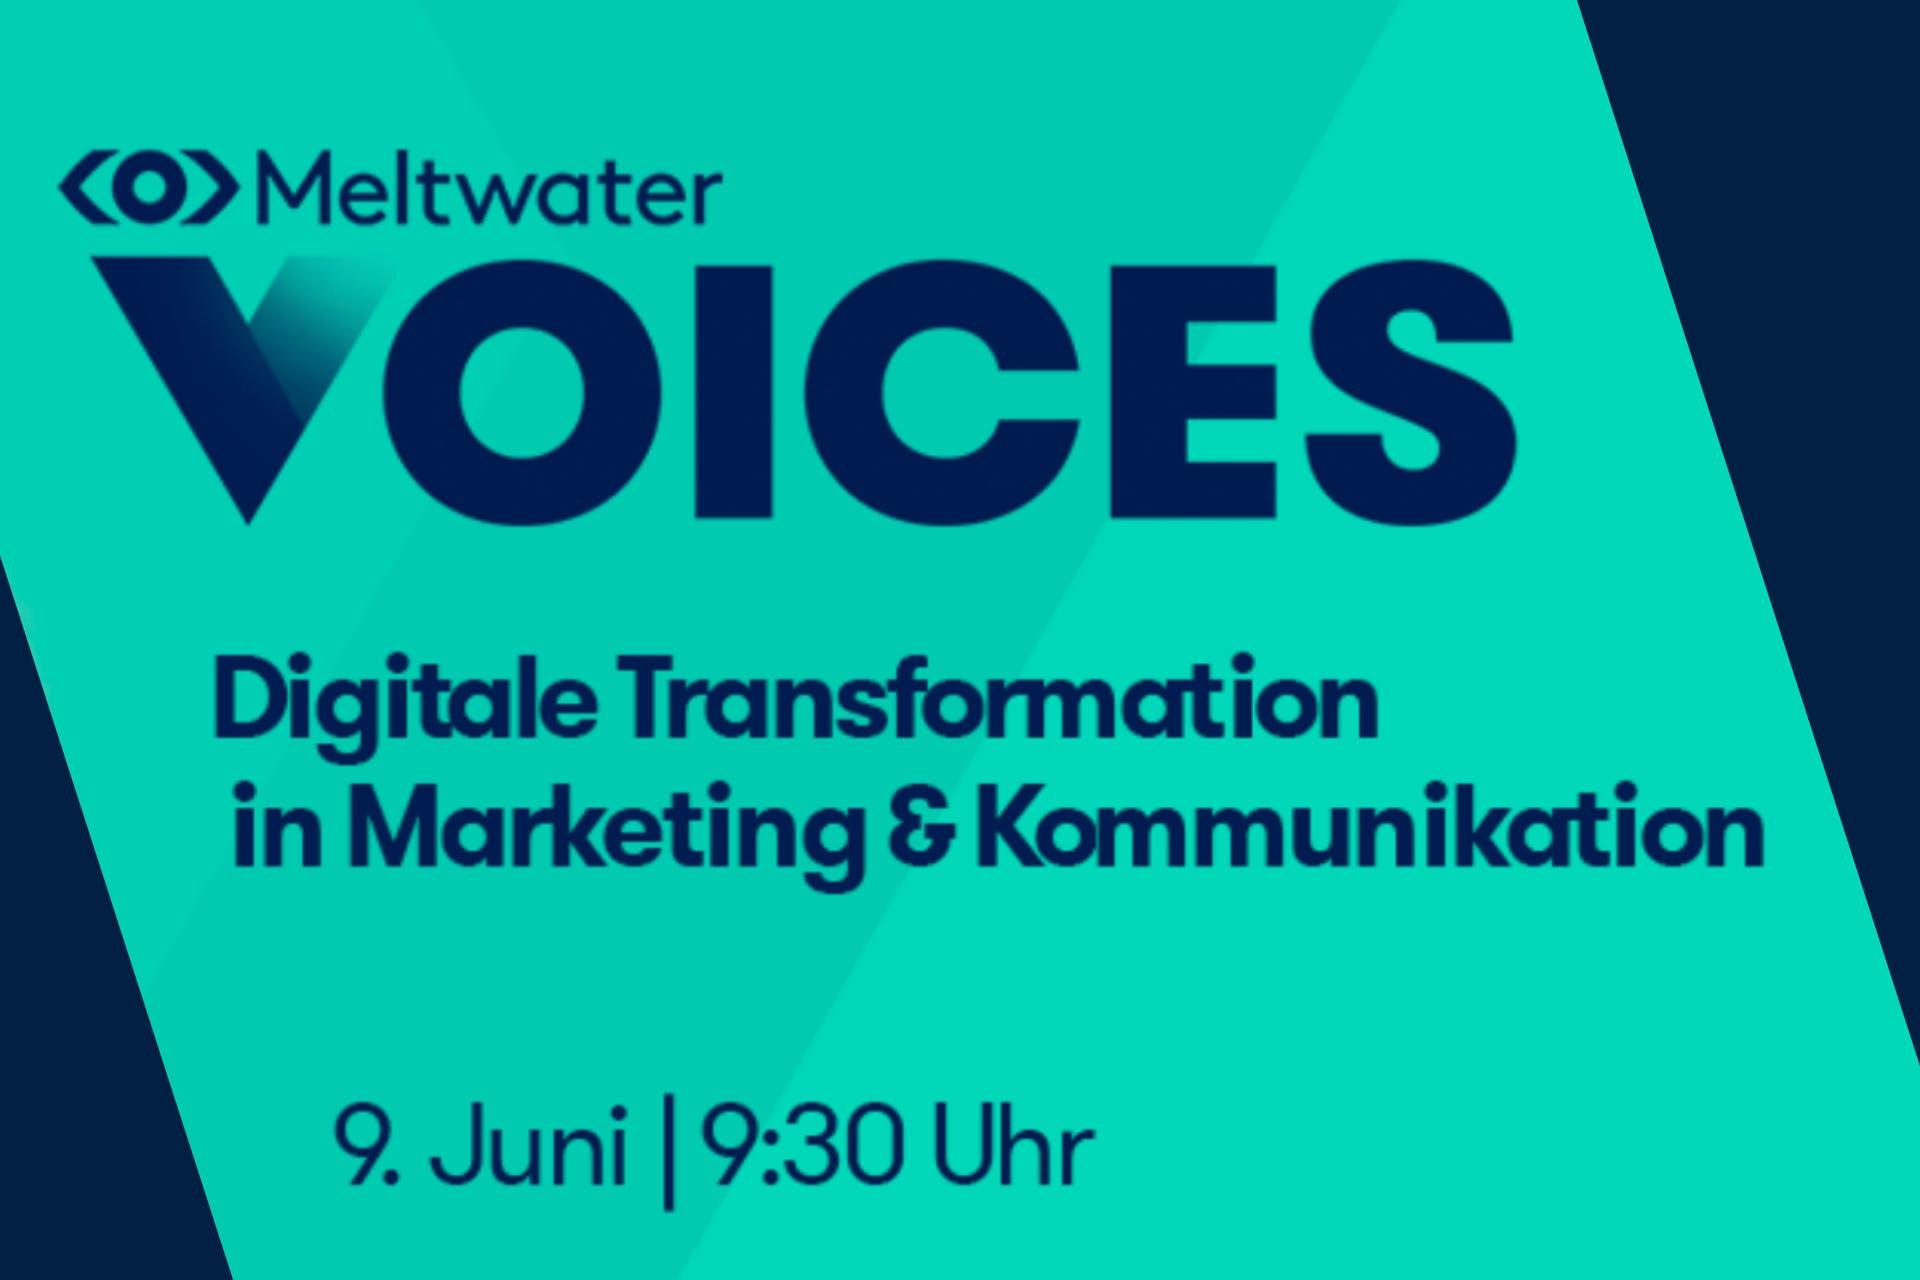 Meltwater Voices Banner Digitale Transformation in Marketing & Kommunikation